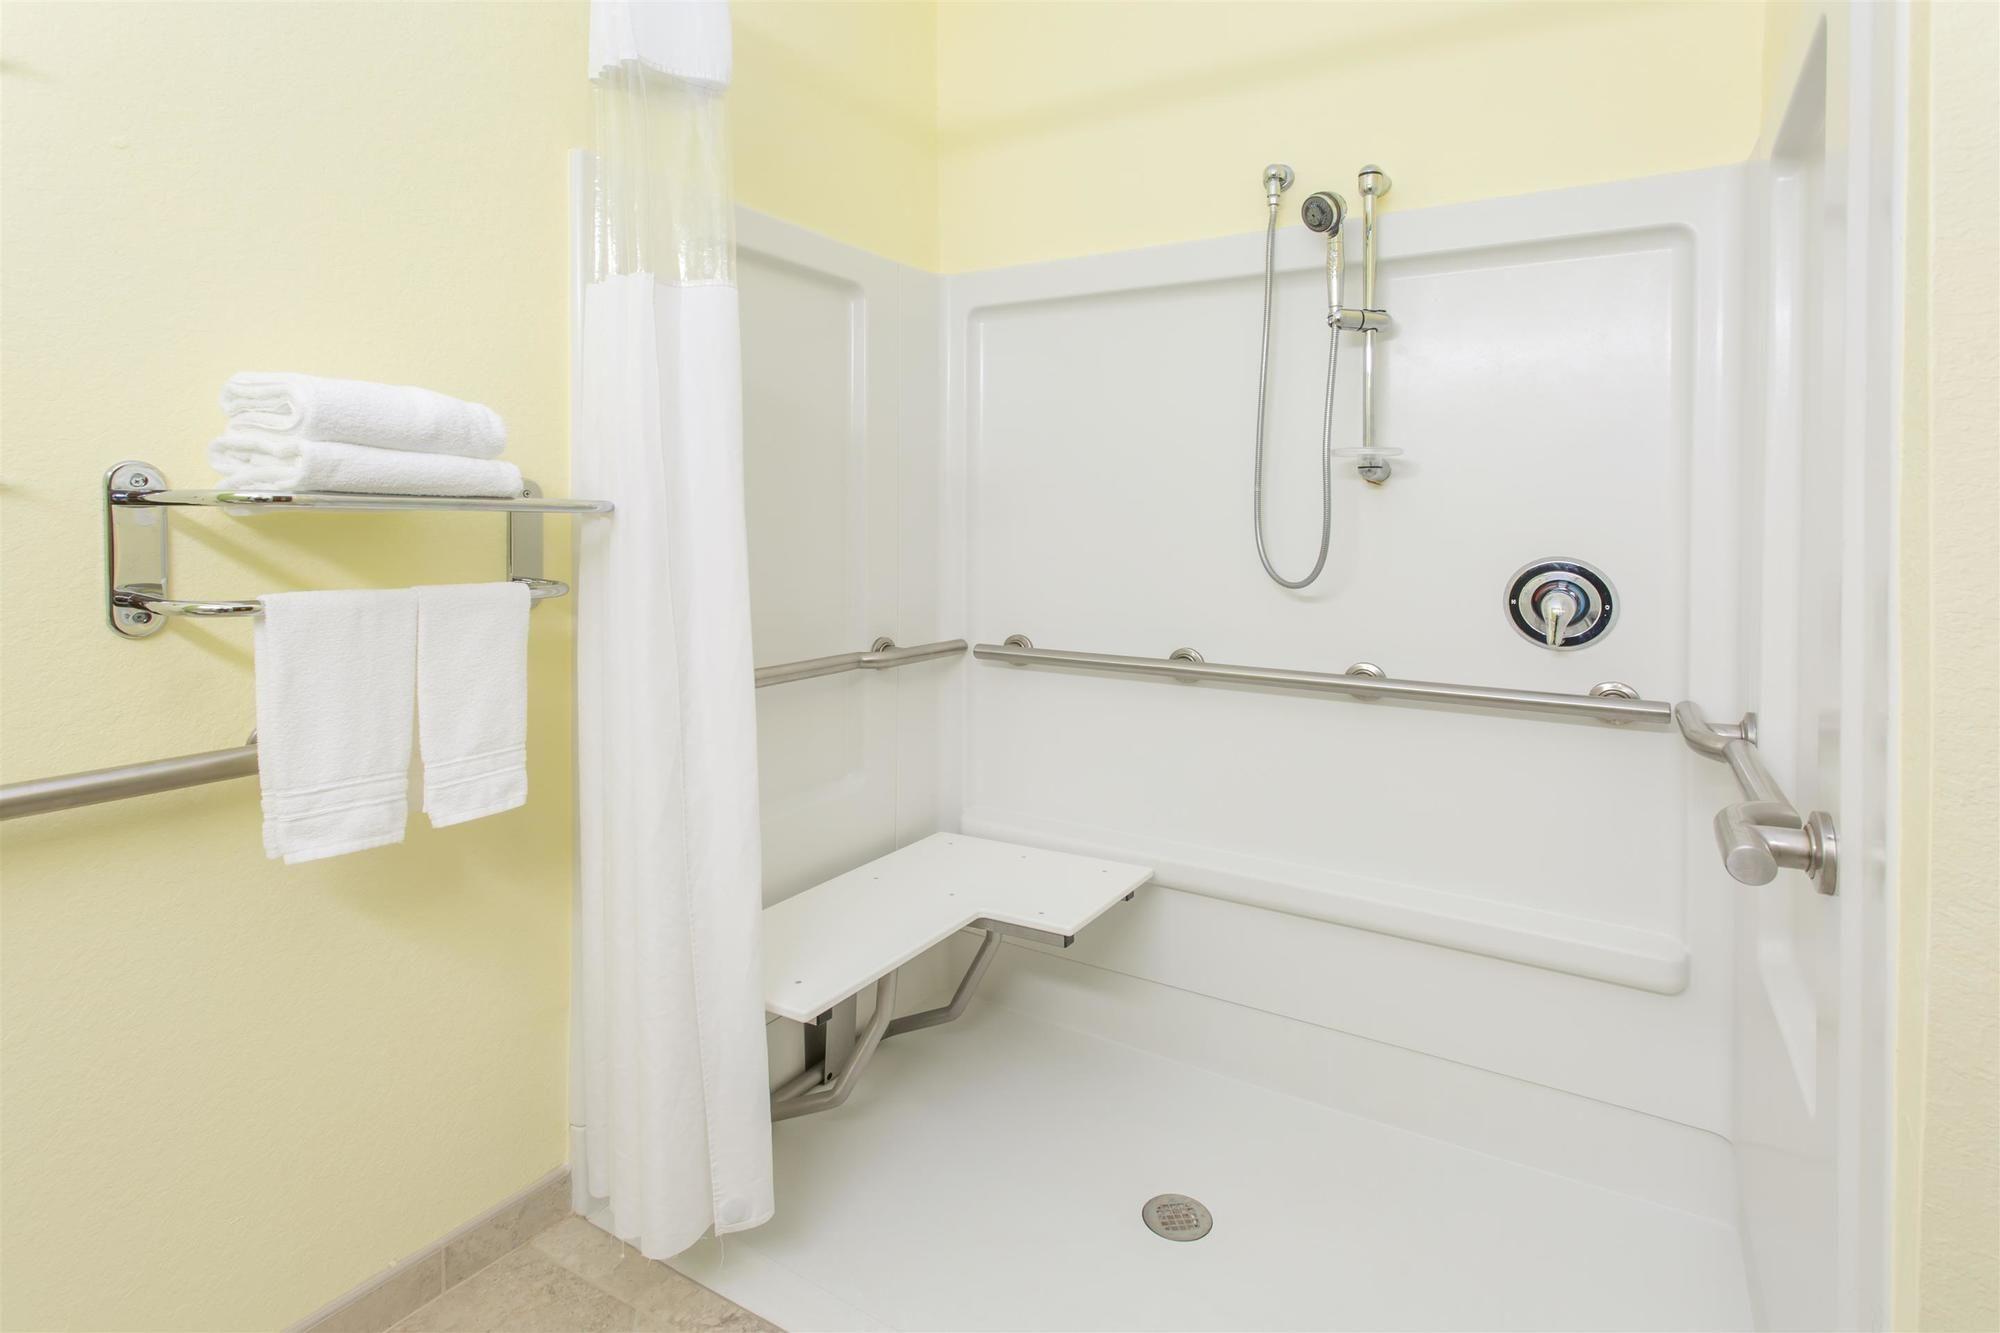 Microtel Inn & Suites by Wyndham Lehigh in Lehigh Acres, FL